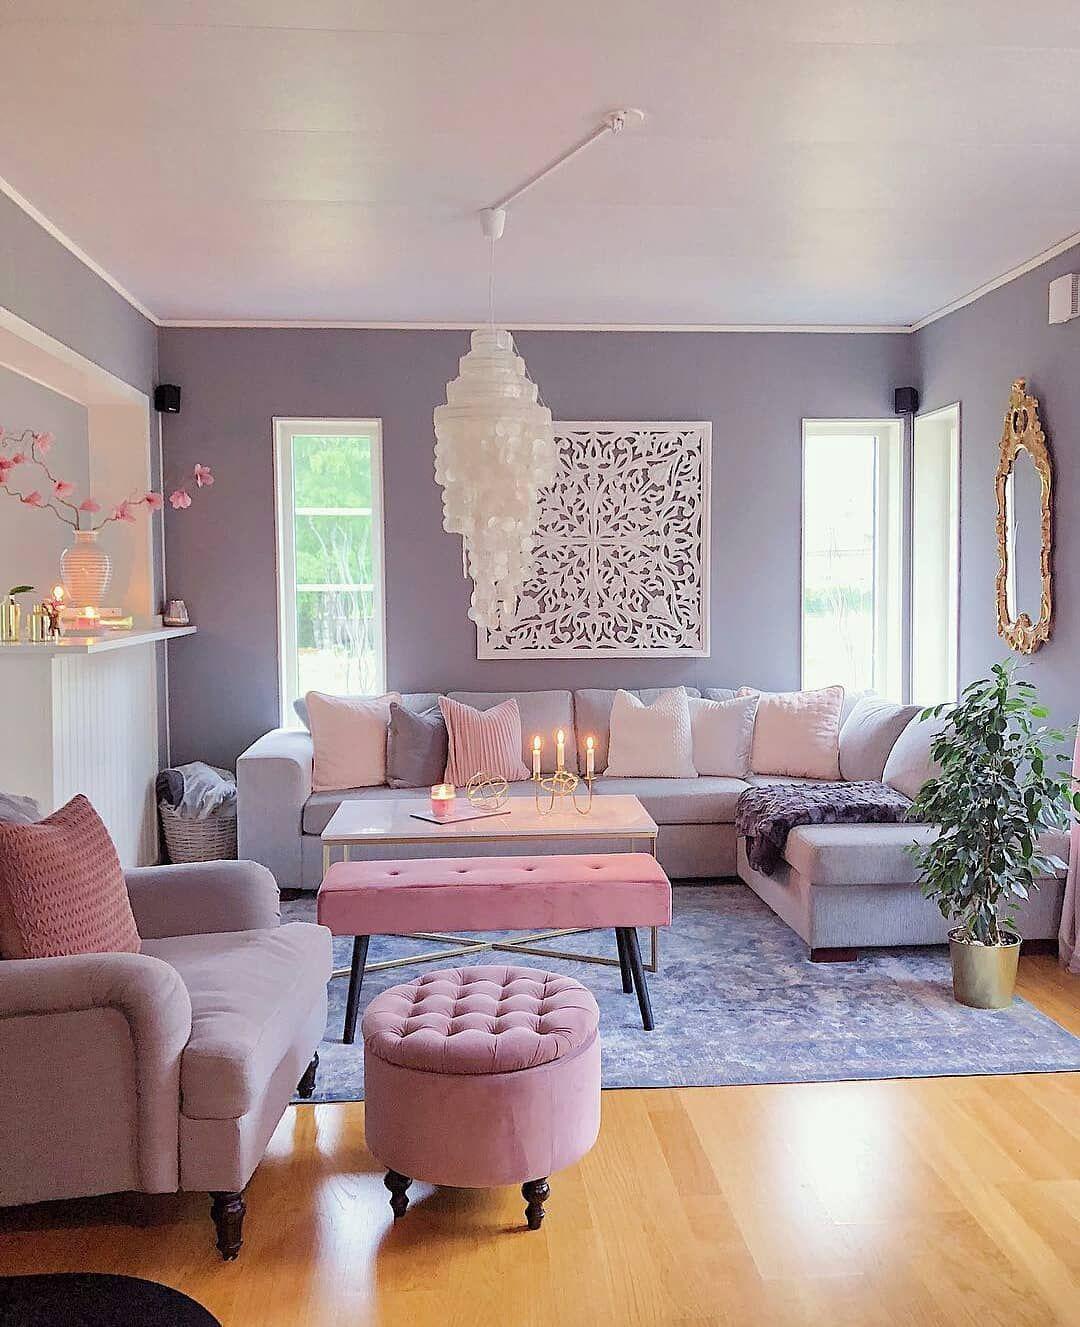 Ev Dekorasyonu Fikirleri Diy | Oturma Odası Tasarımları ... avec Salon De Jardin Sophie